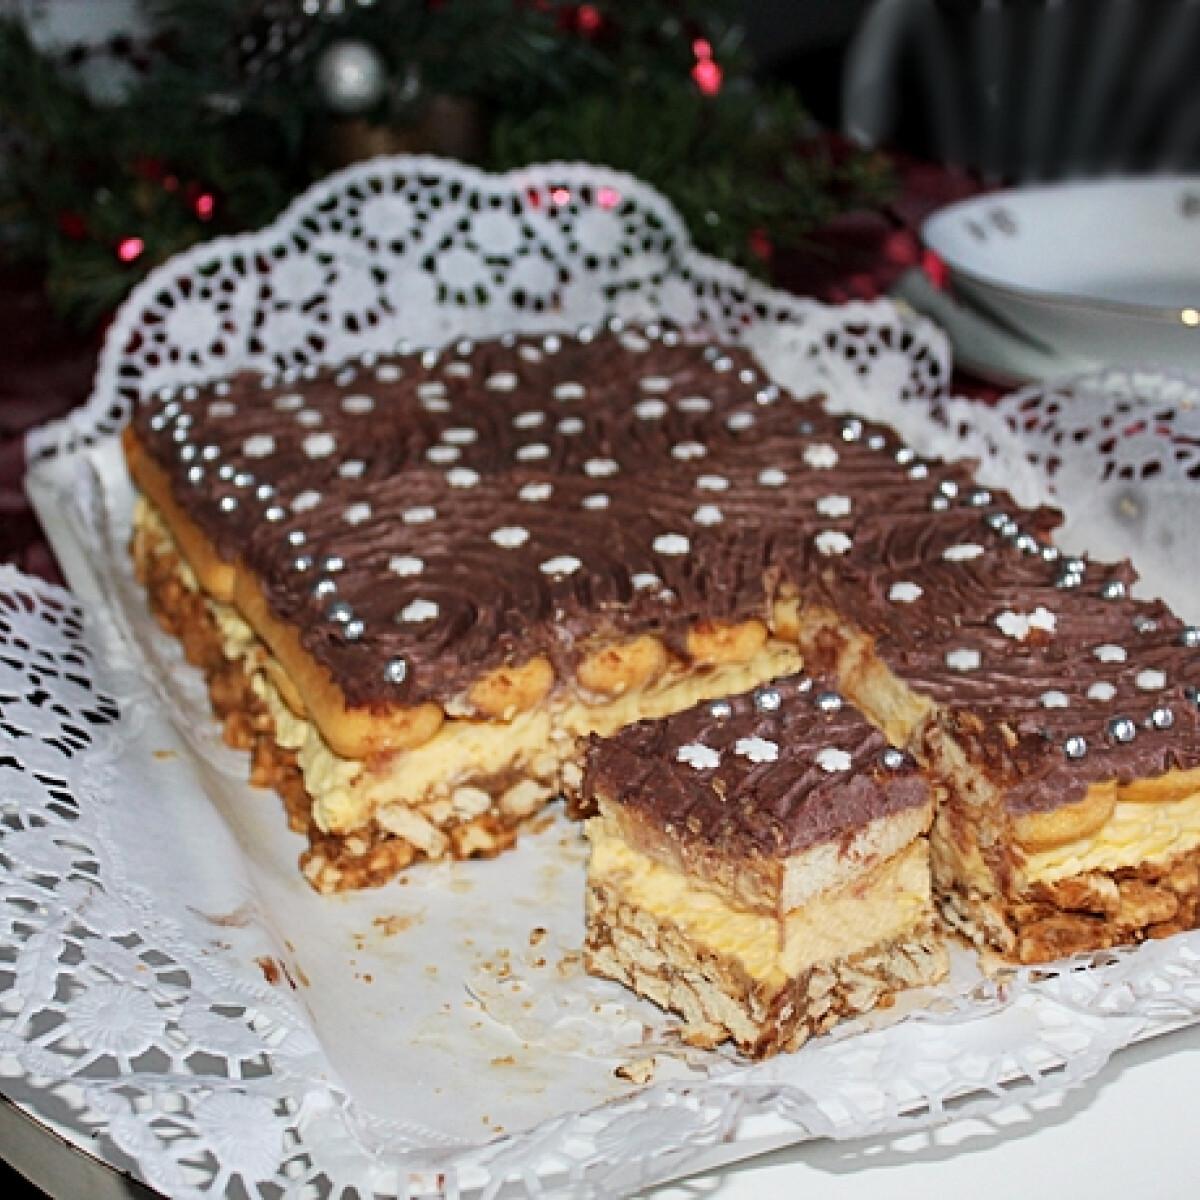 Vaníliás, csokoládés süti kávés-gesztenyés ágyon sütés nélkül